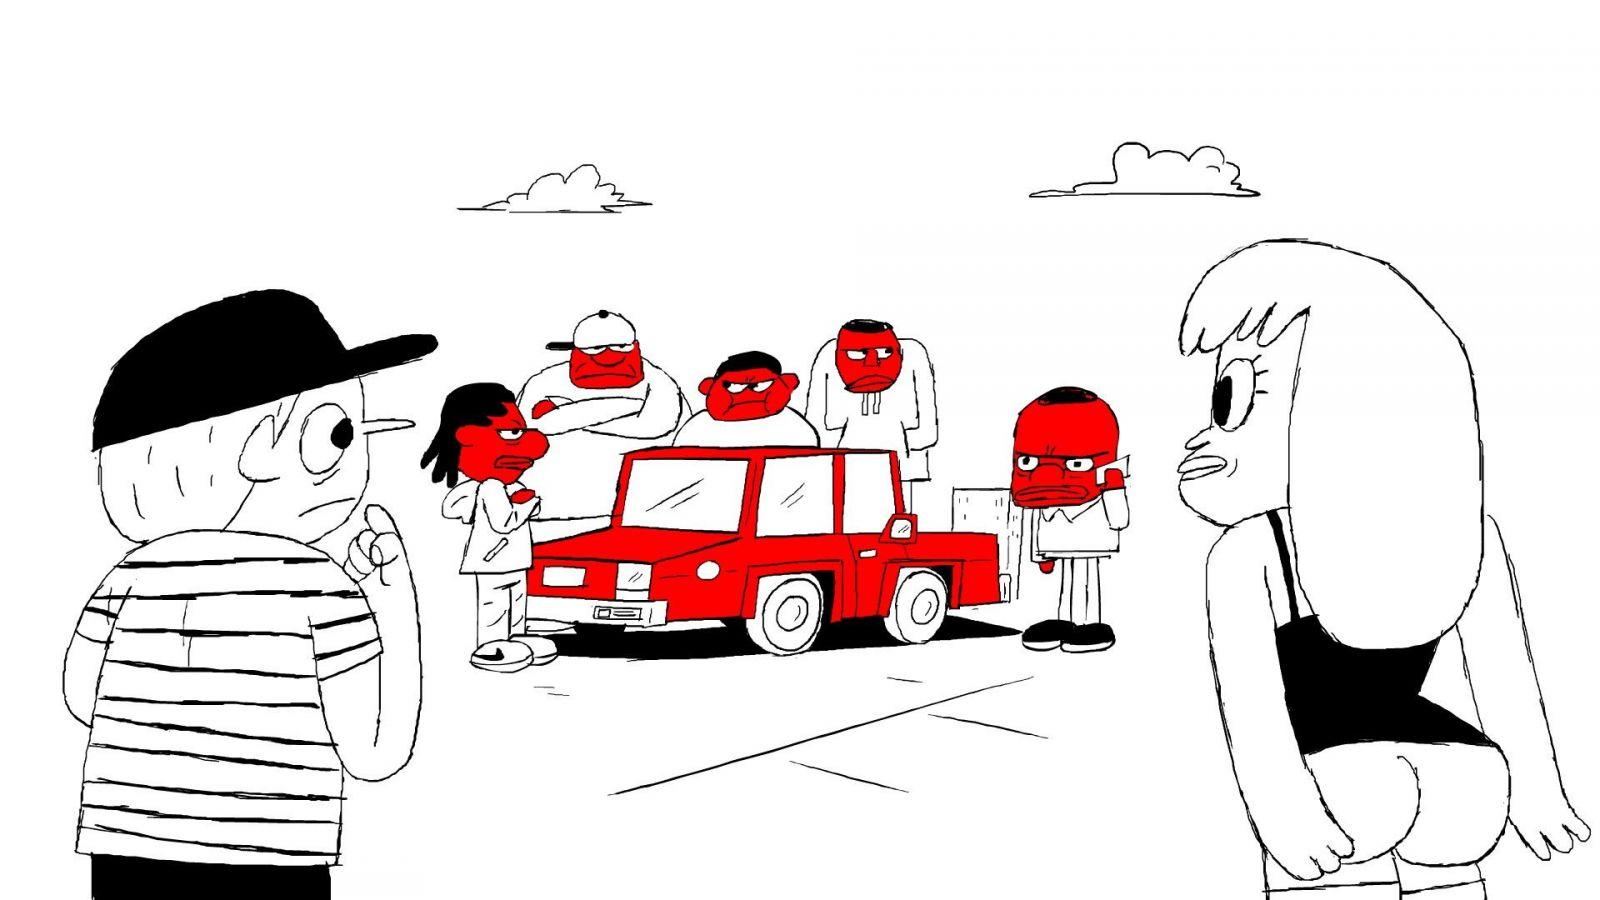 Манхэттенский фестиваль короткометражных фильмов 2014: эксклюзив ХОЧУ - фото №7